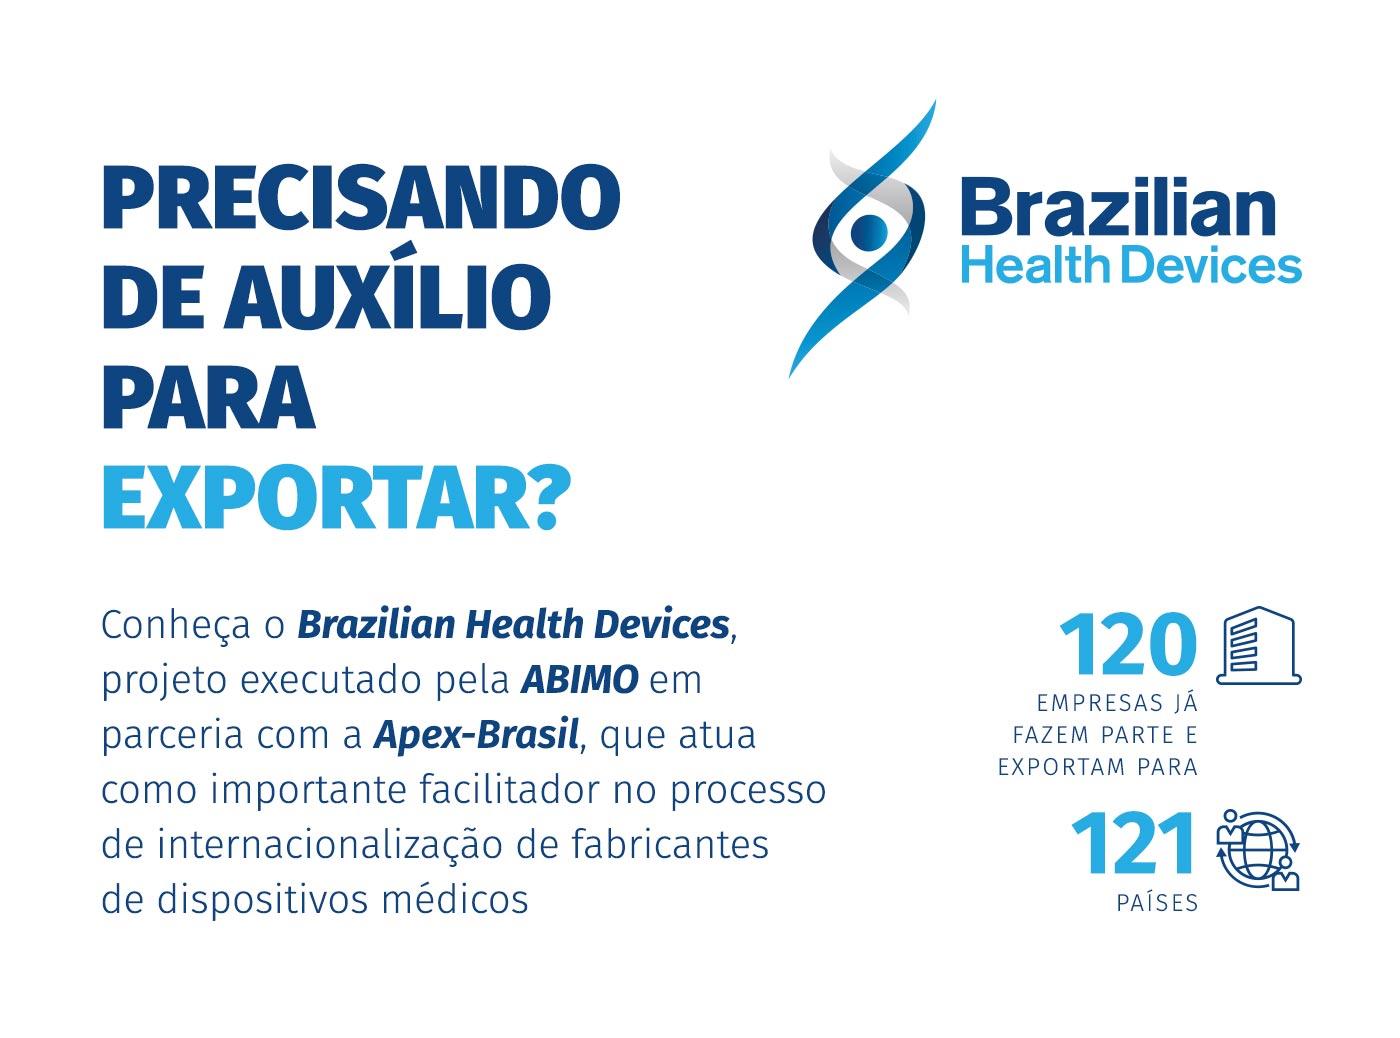 Precisando de auxílio para exportar?